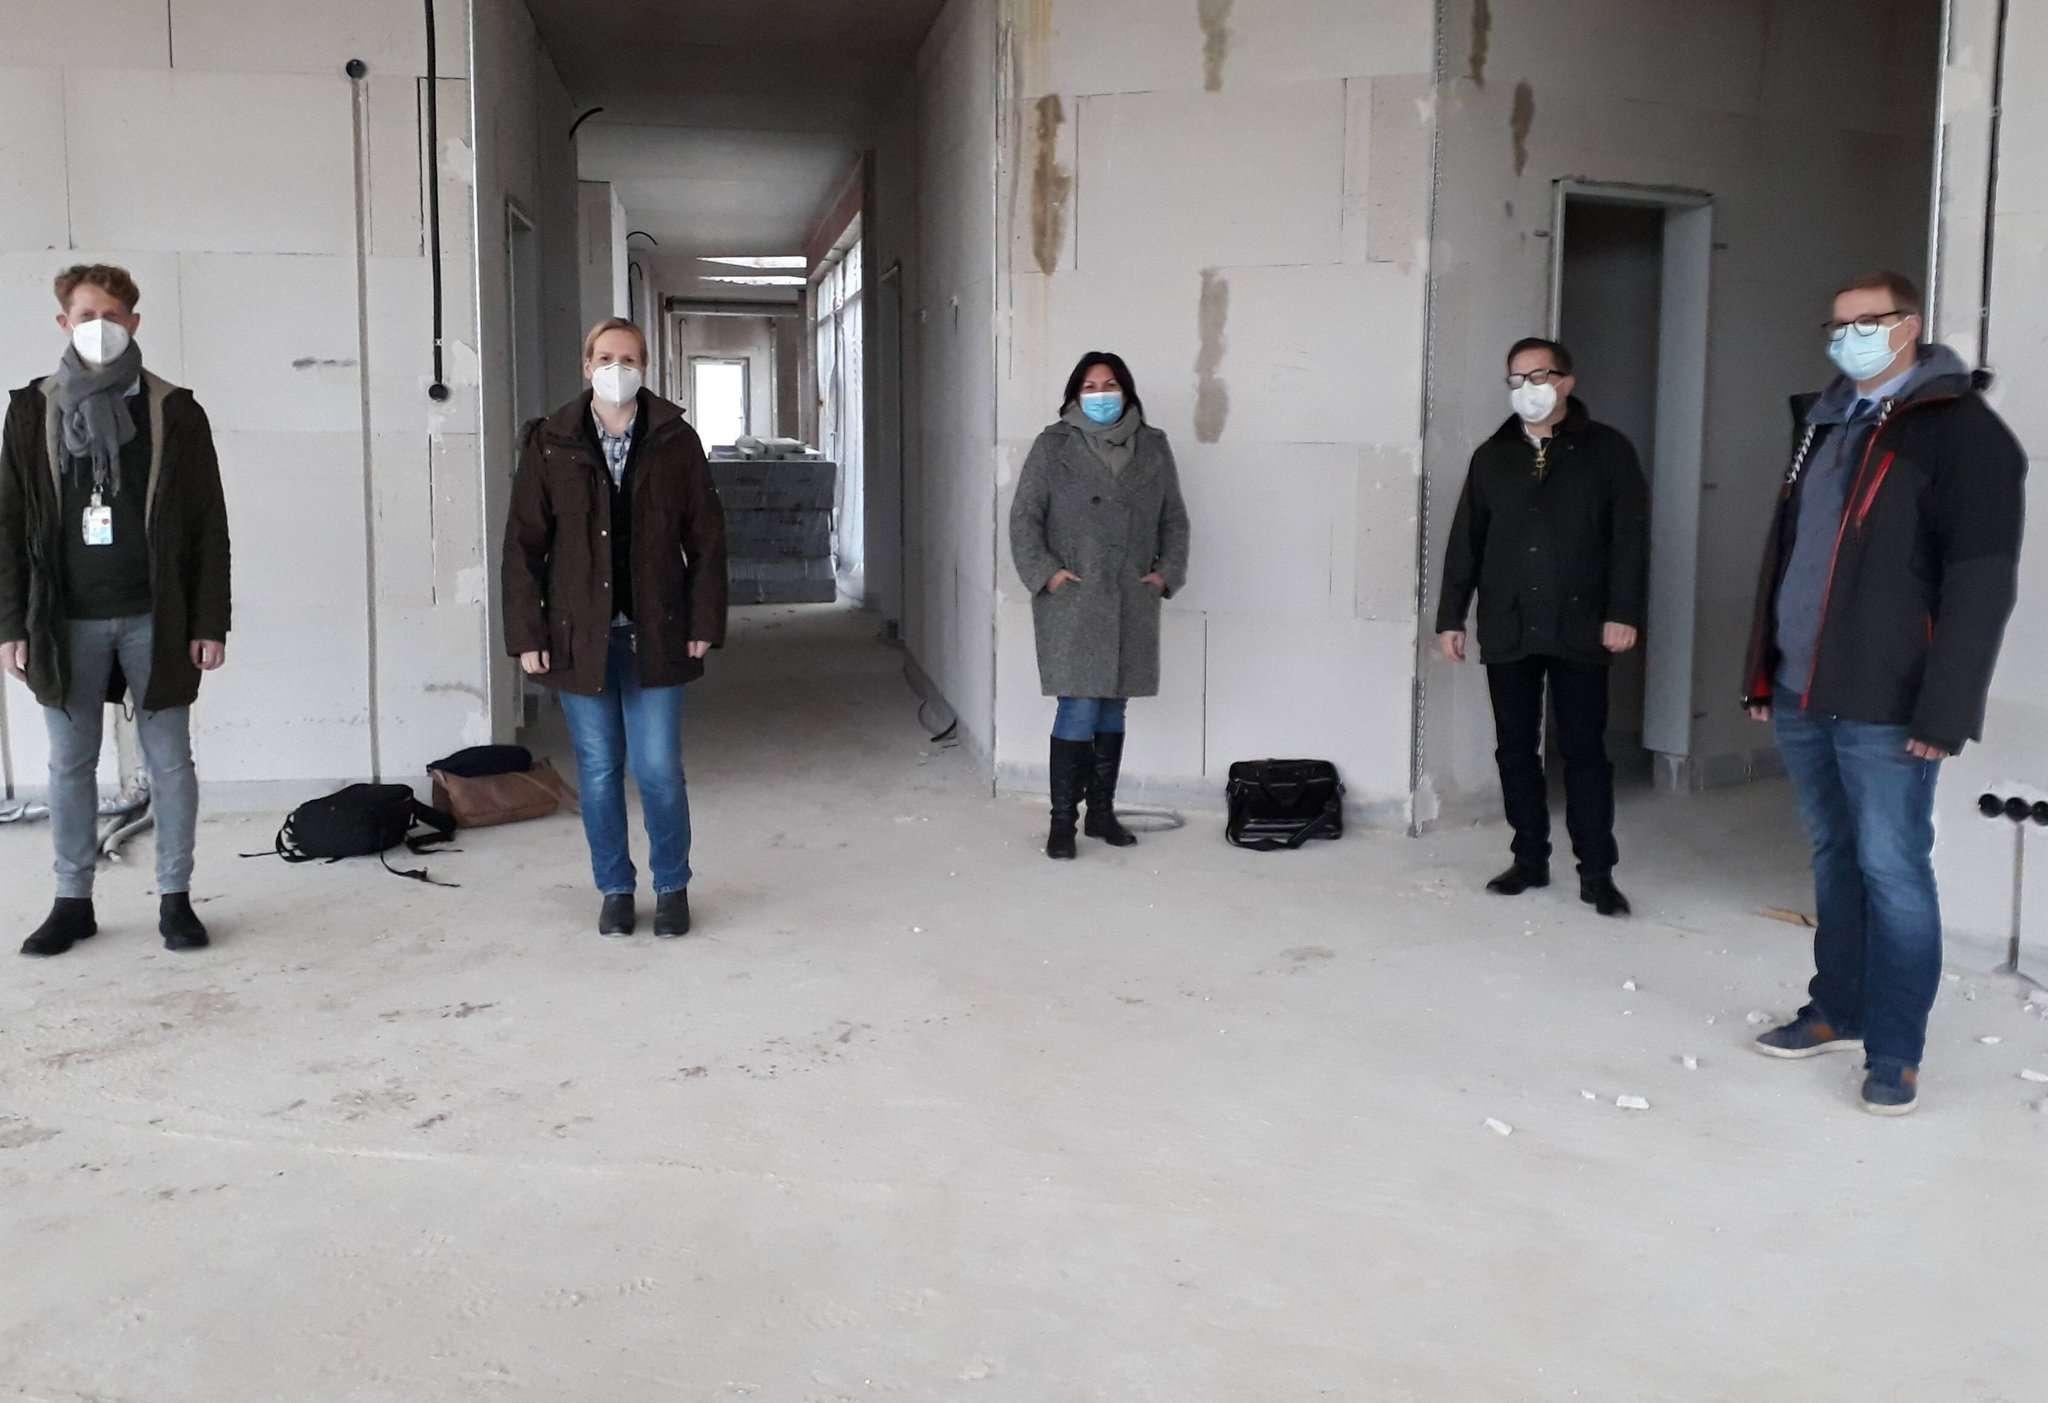 Folke Dittmer (von links), Sandra Sabrina Groß, Sandra Köbe, Matthias Richter und Johannes Stephens besichtigen die Baustelle.